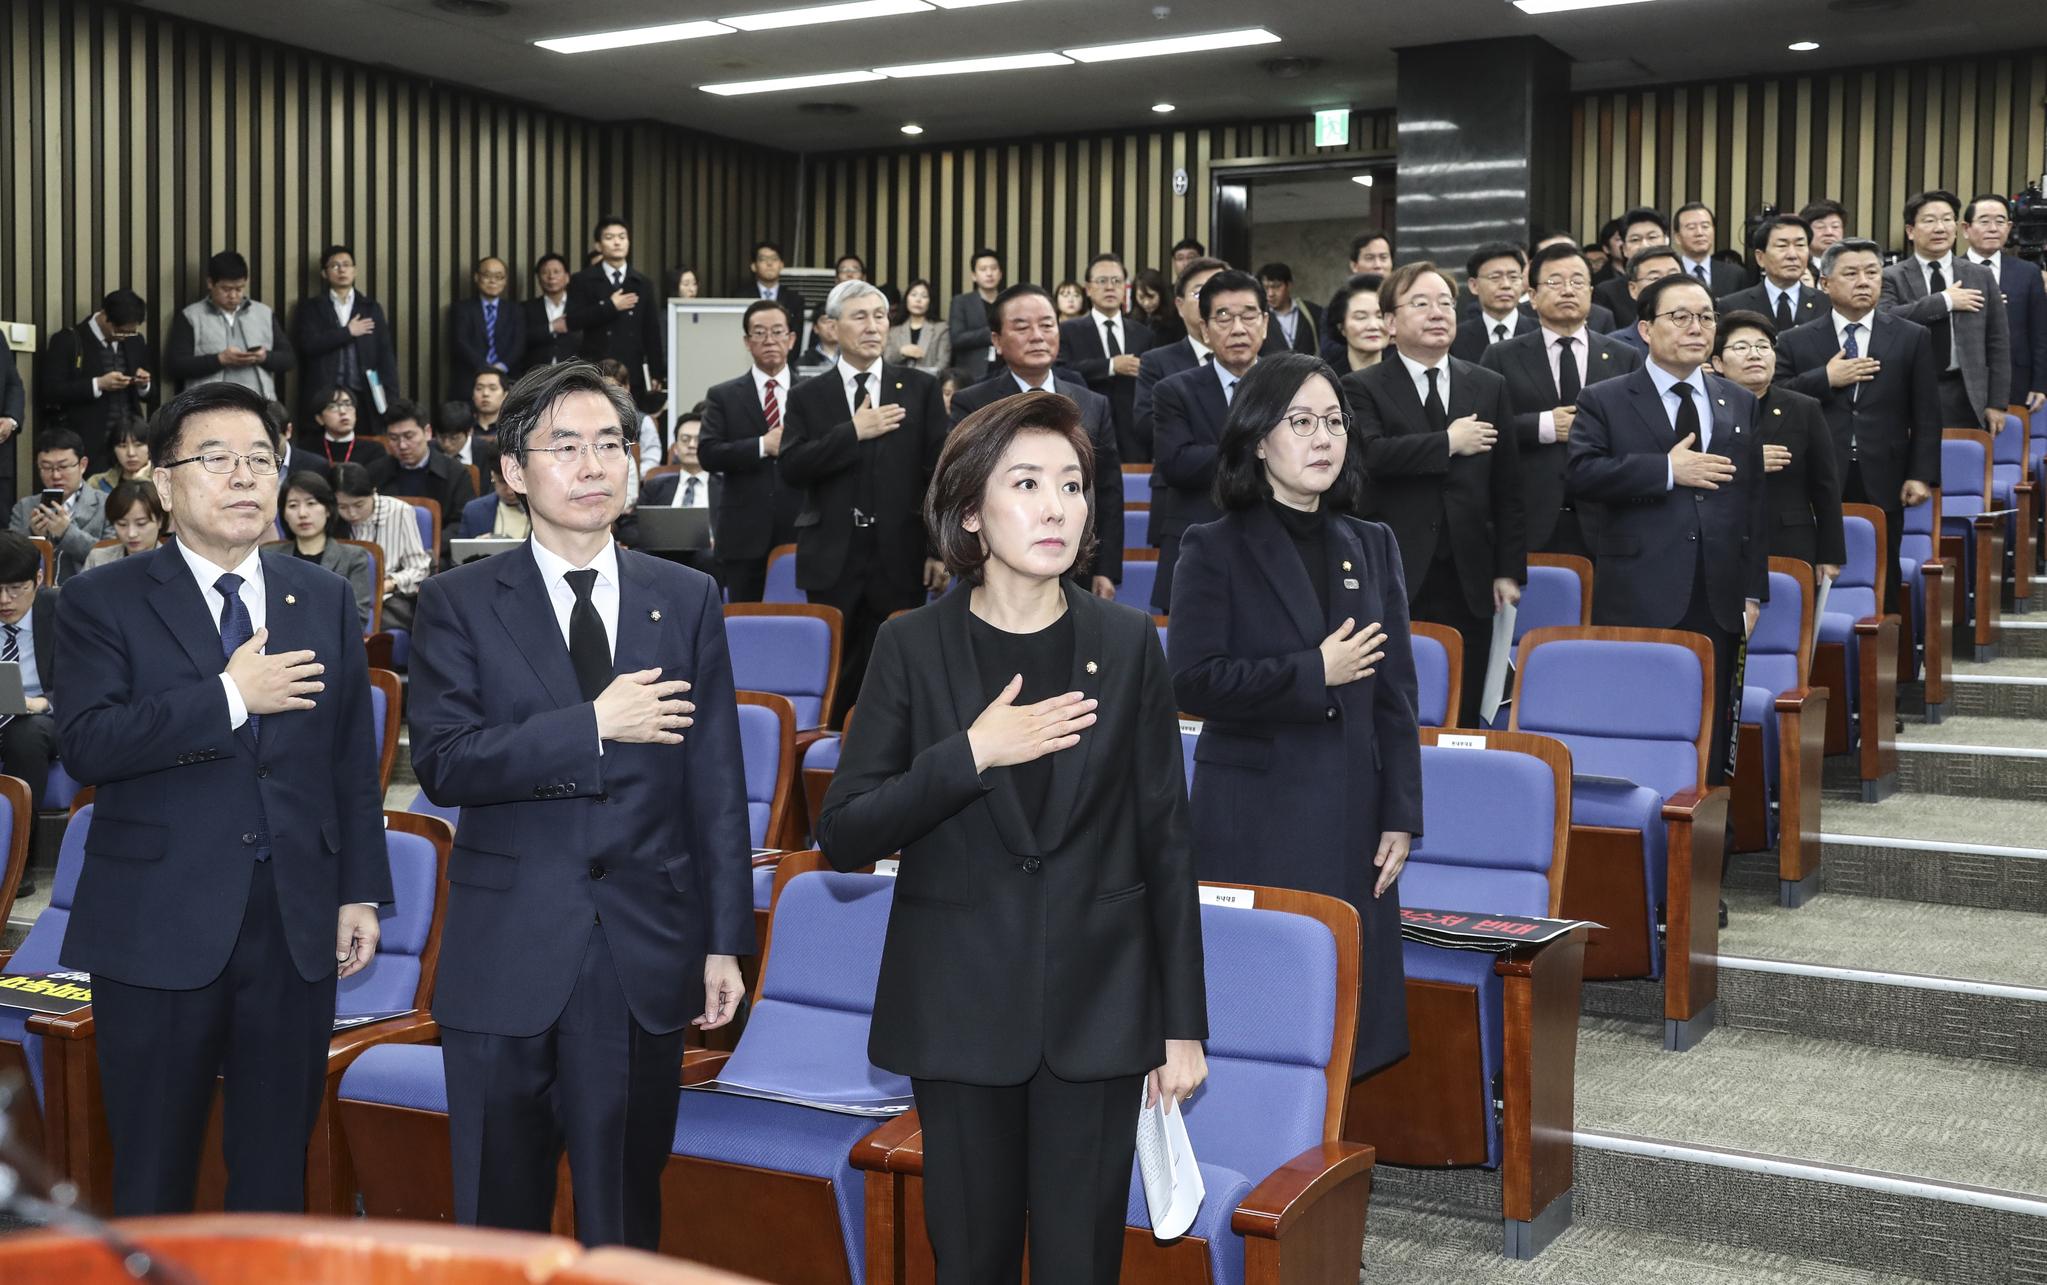 자유한국당 나경원 원내대표(가운데)와 의원들이 15일 오전 국회에서 열린 긴급 의원총회에서 국민의례를 하고 있다.  임현동 기자